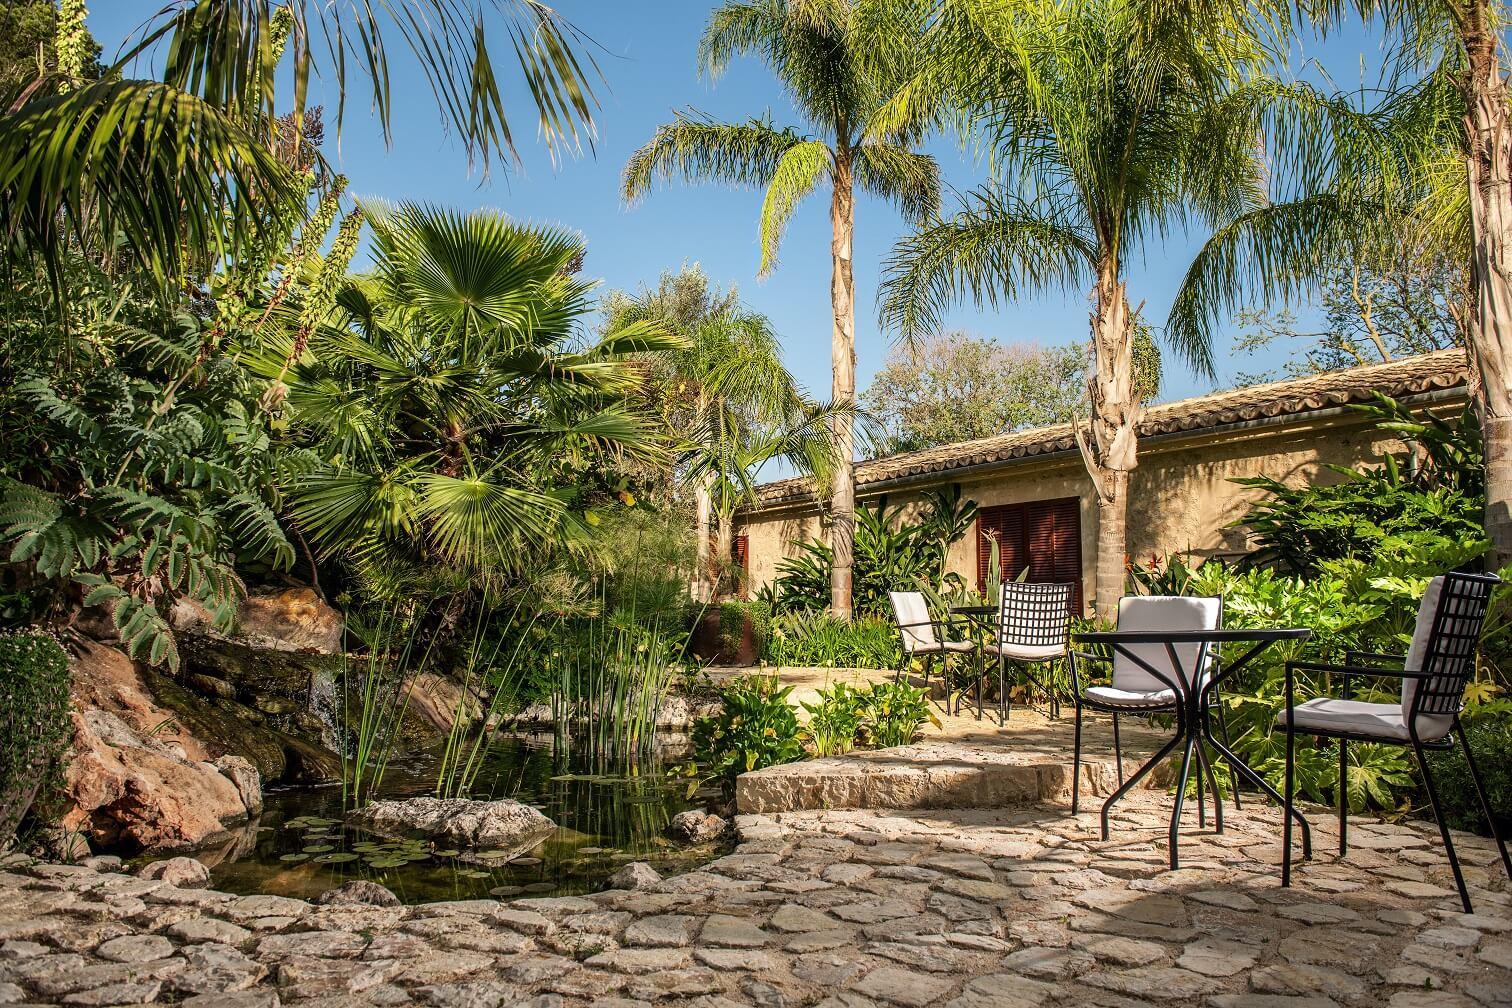 Naturaleza de Mallorca en el Hotel de lujo Castell son Claret (5)